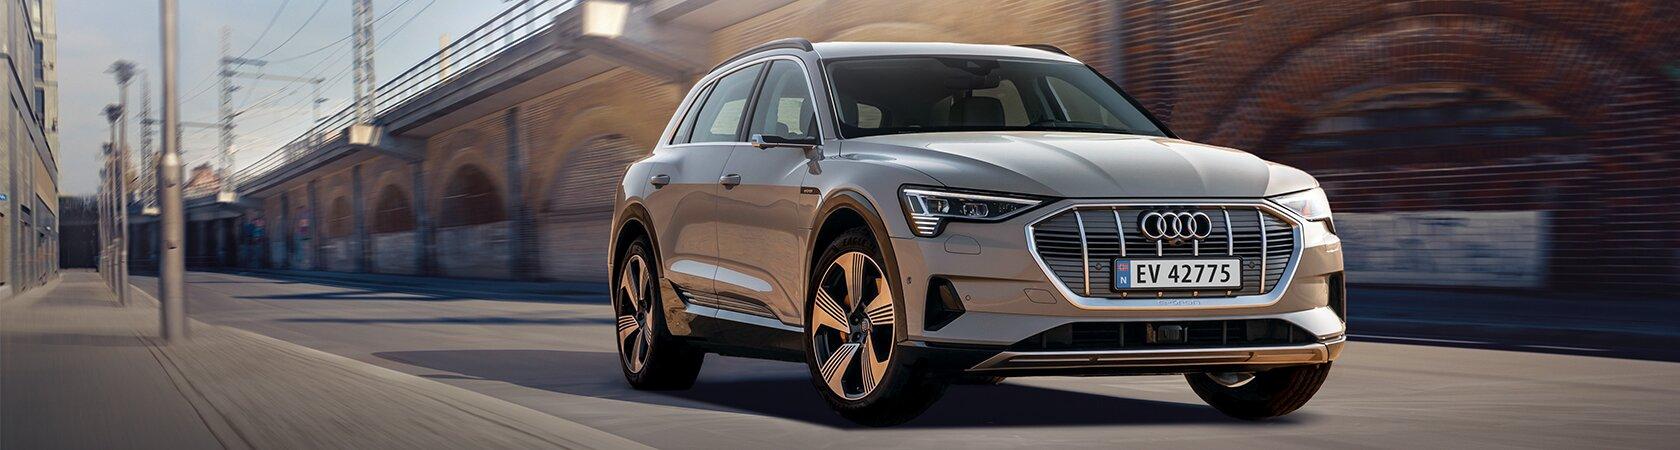 Audi e Tron 55 quattro – pris, rekkevidde og alt du vil vite